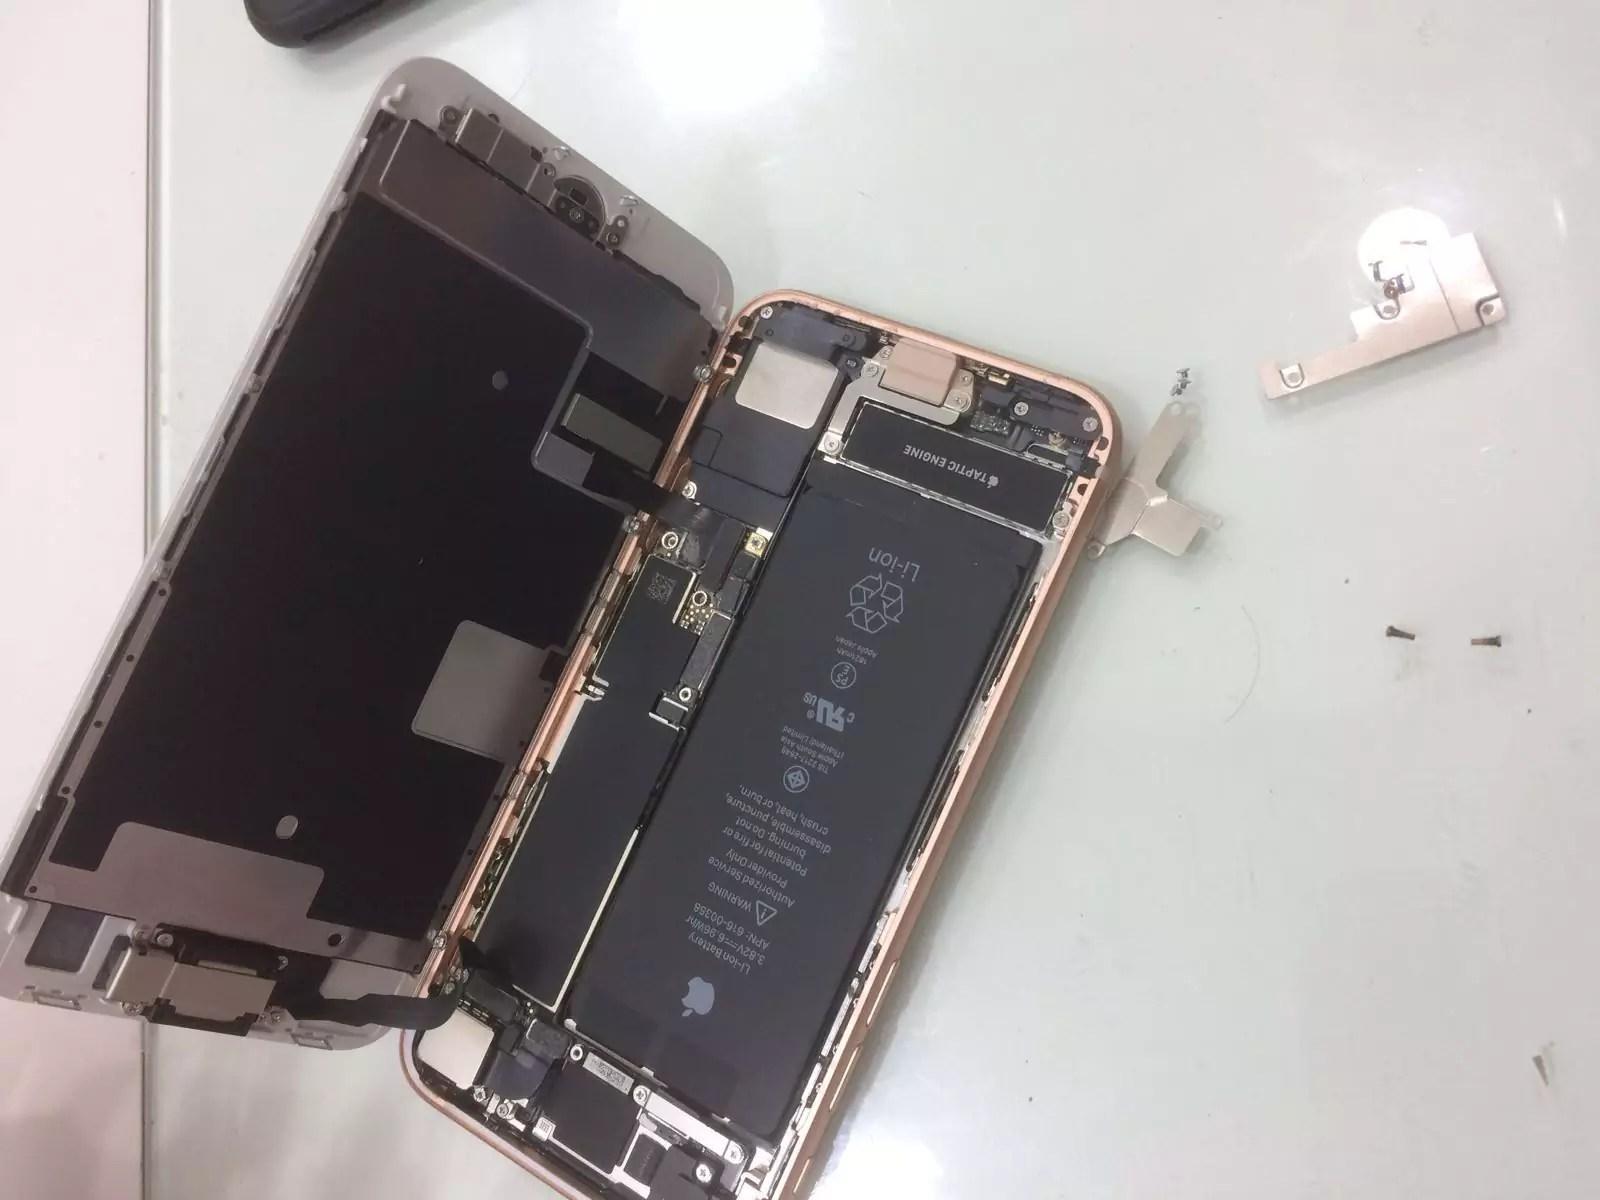 iphone repair kl